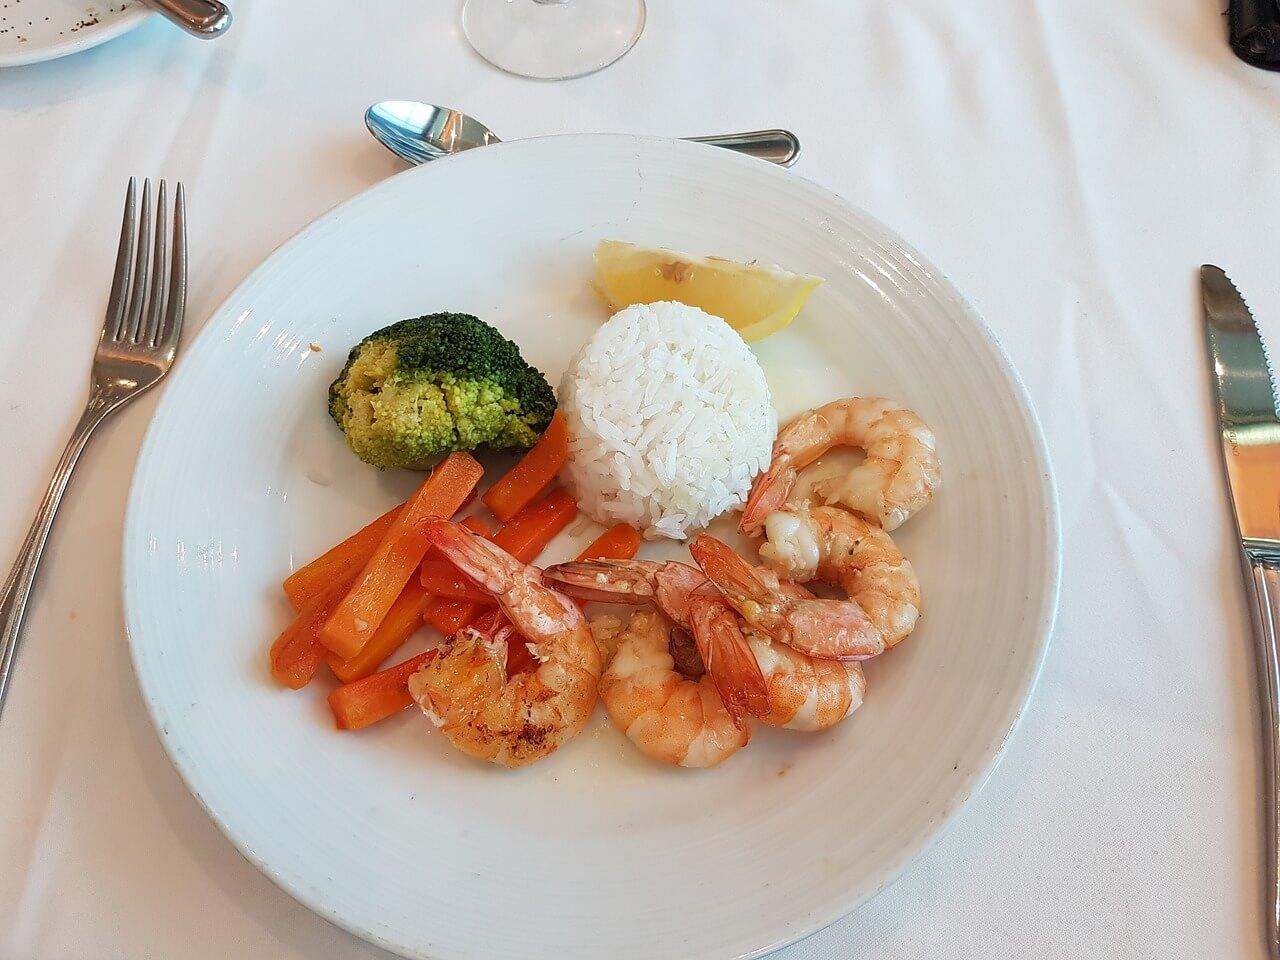 prato de comida num cruzeiro